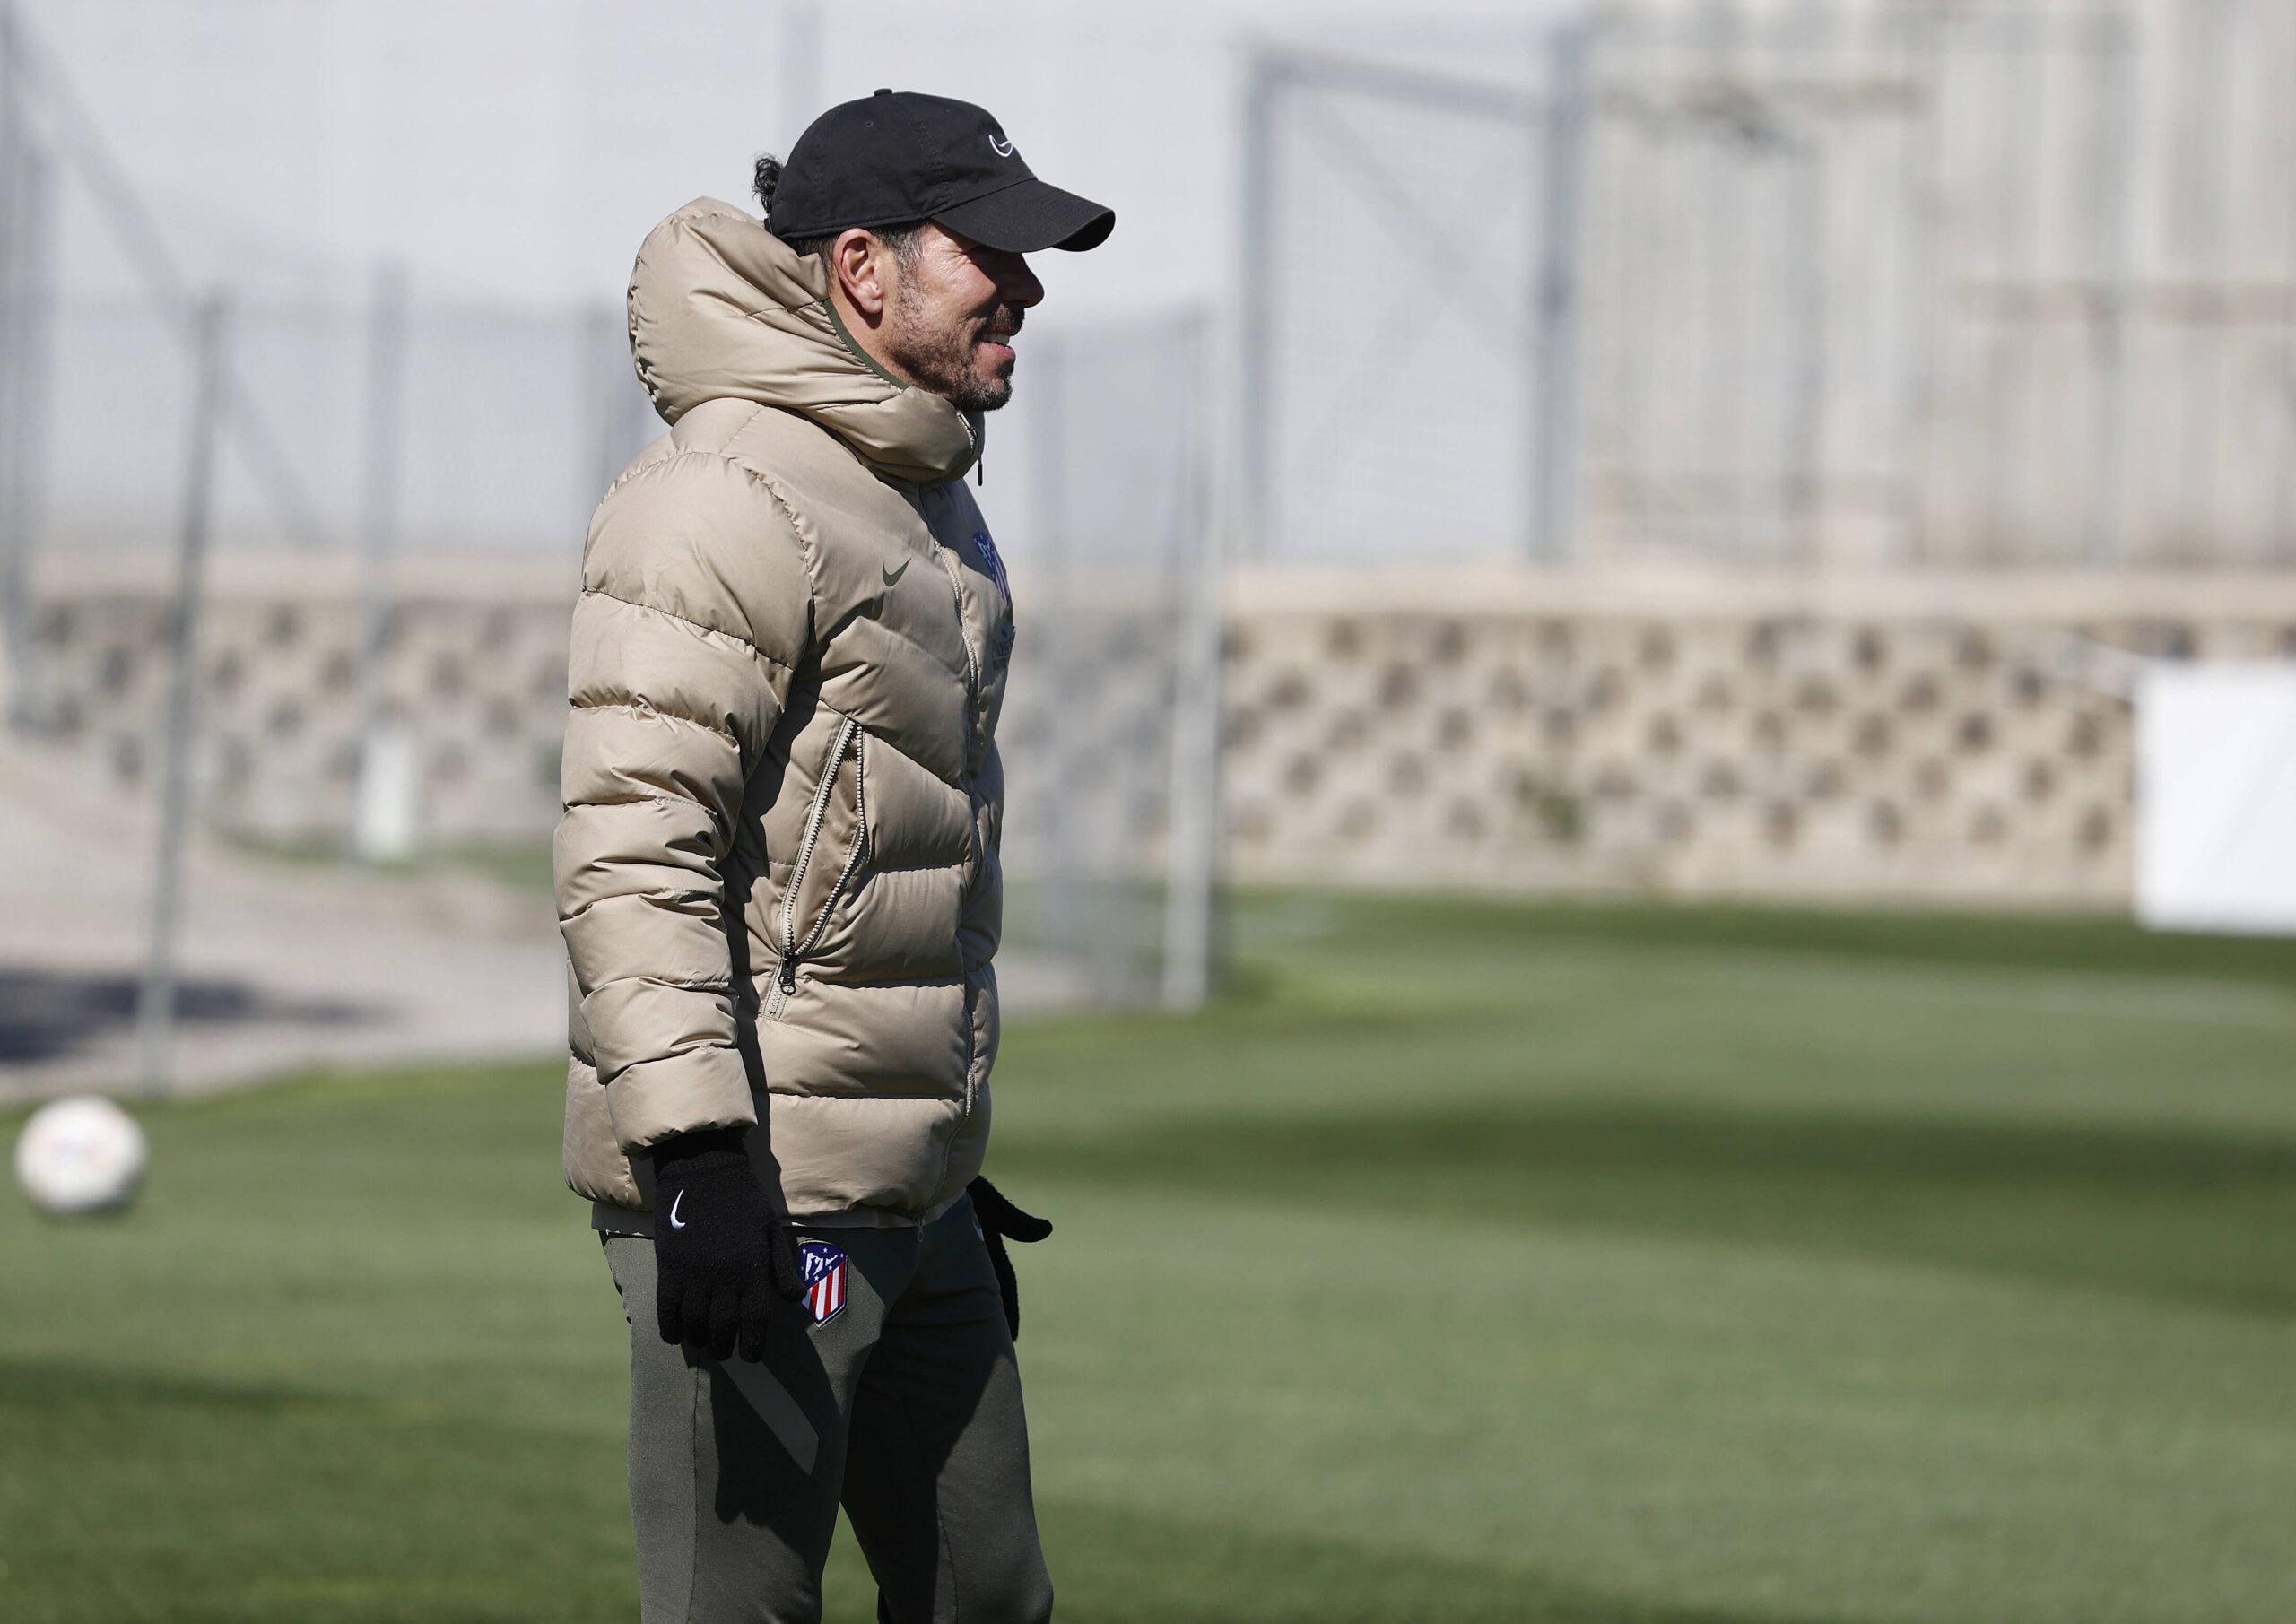 El nuevo fichaje de Simeone cuesta 100M según MARCA